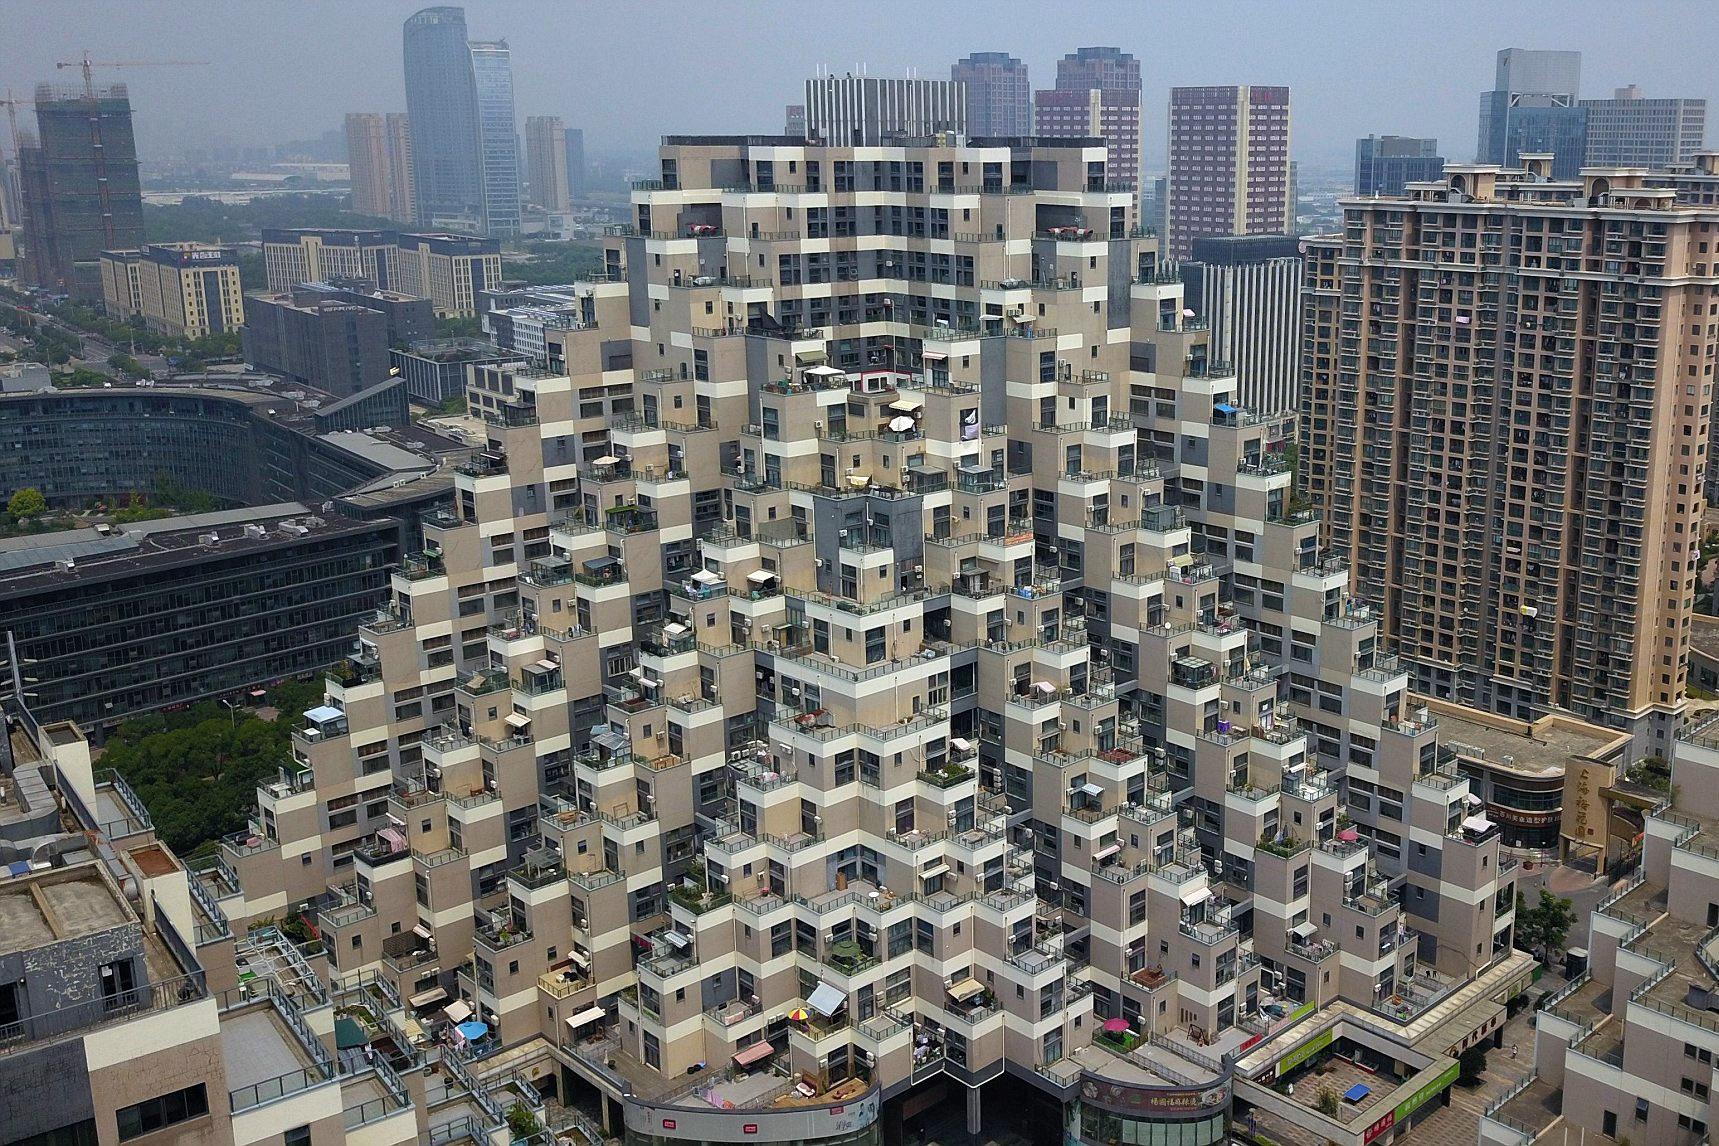 Chùm ảnh: Những công trình kiến trúc kỳ lạ ở Trung Quốc